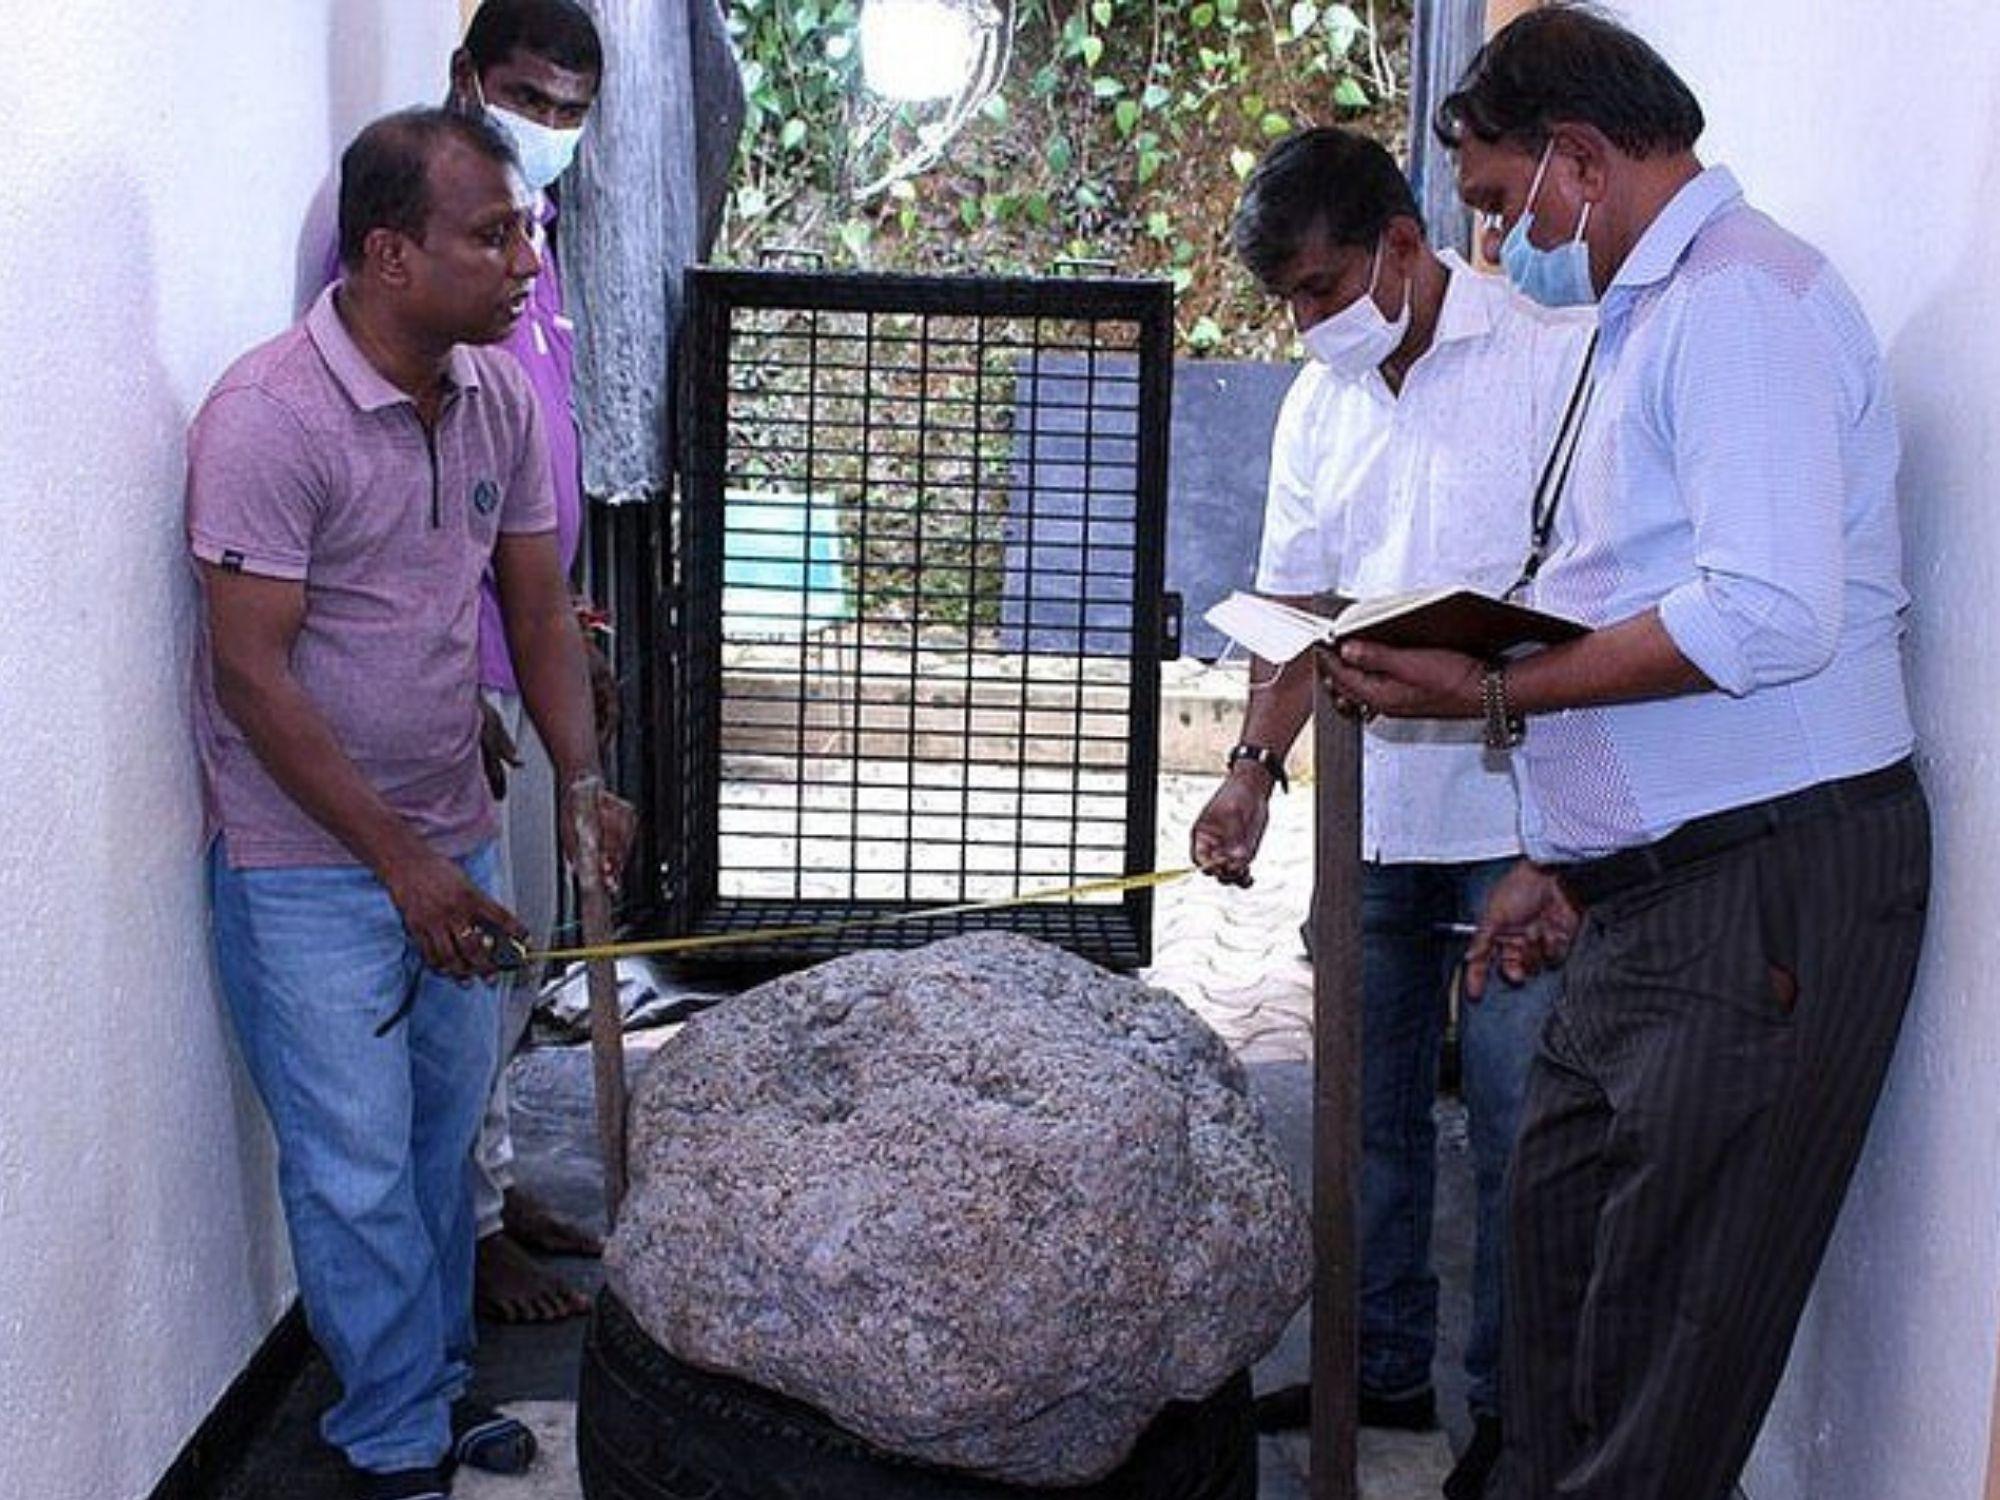 Đào giếng nước sinh hoạt, ai ngờ nước thì không có mà lại đào trúng 'cục đá' trị giá 100 triệu USD